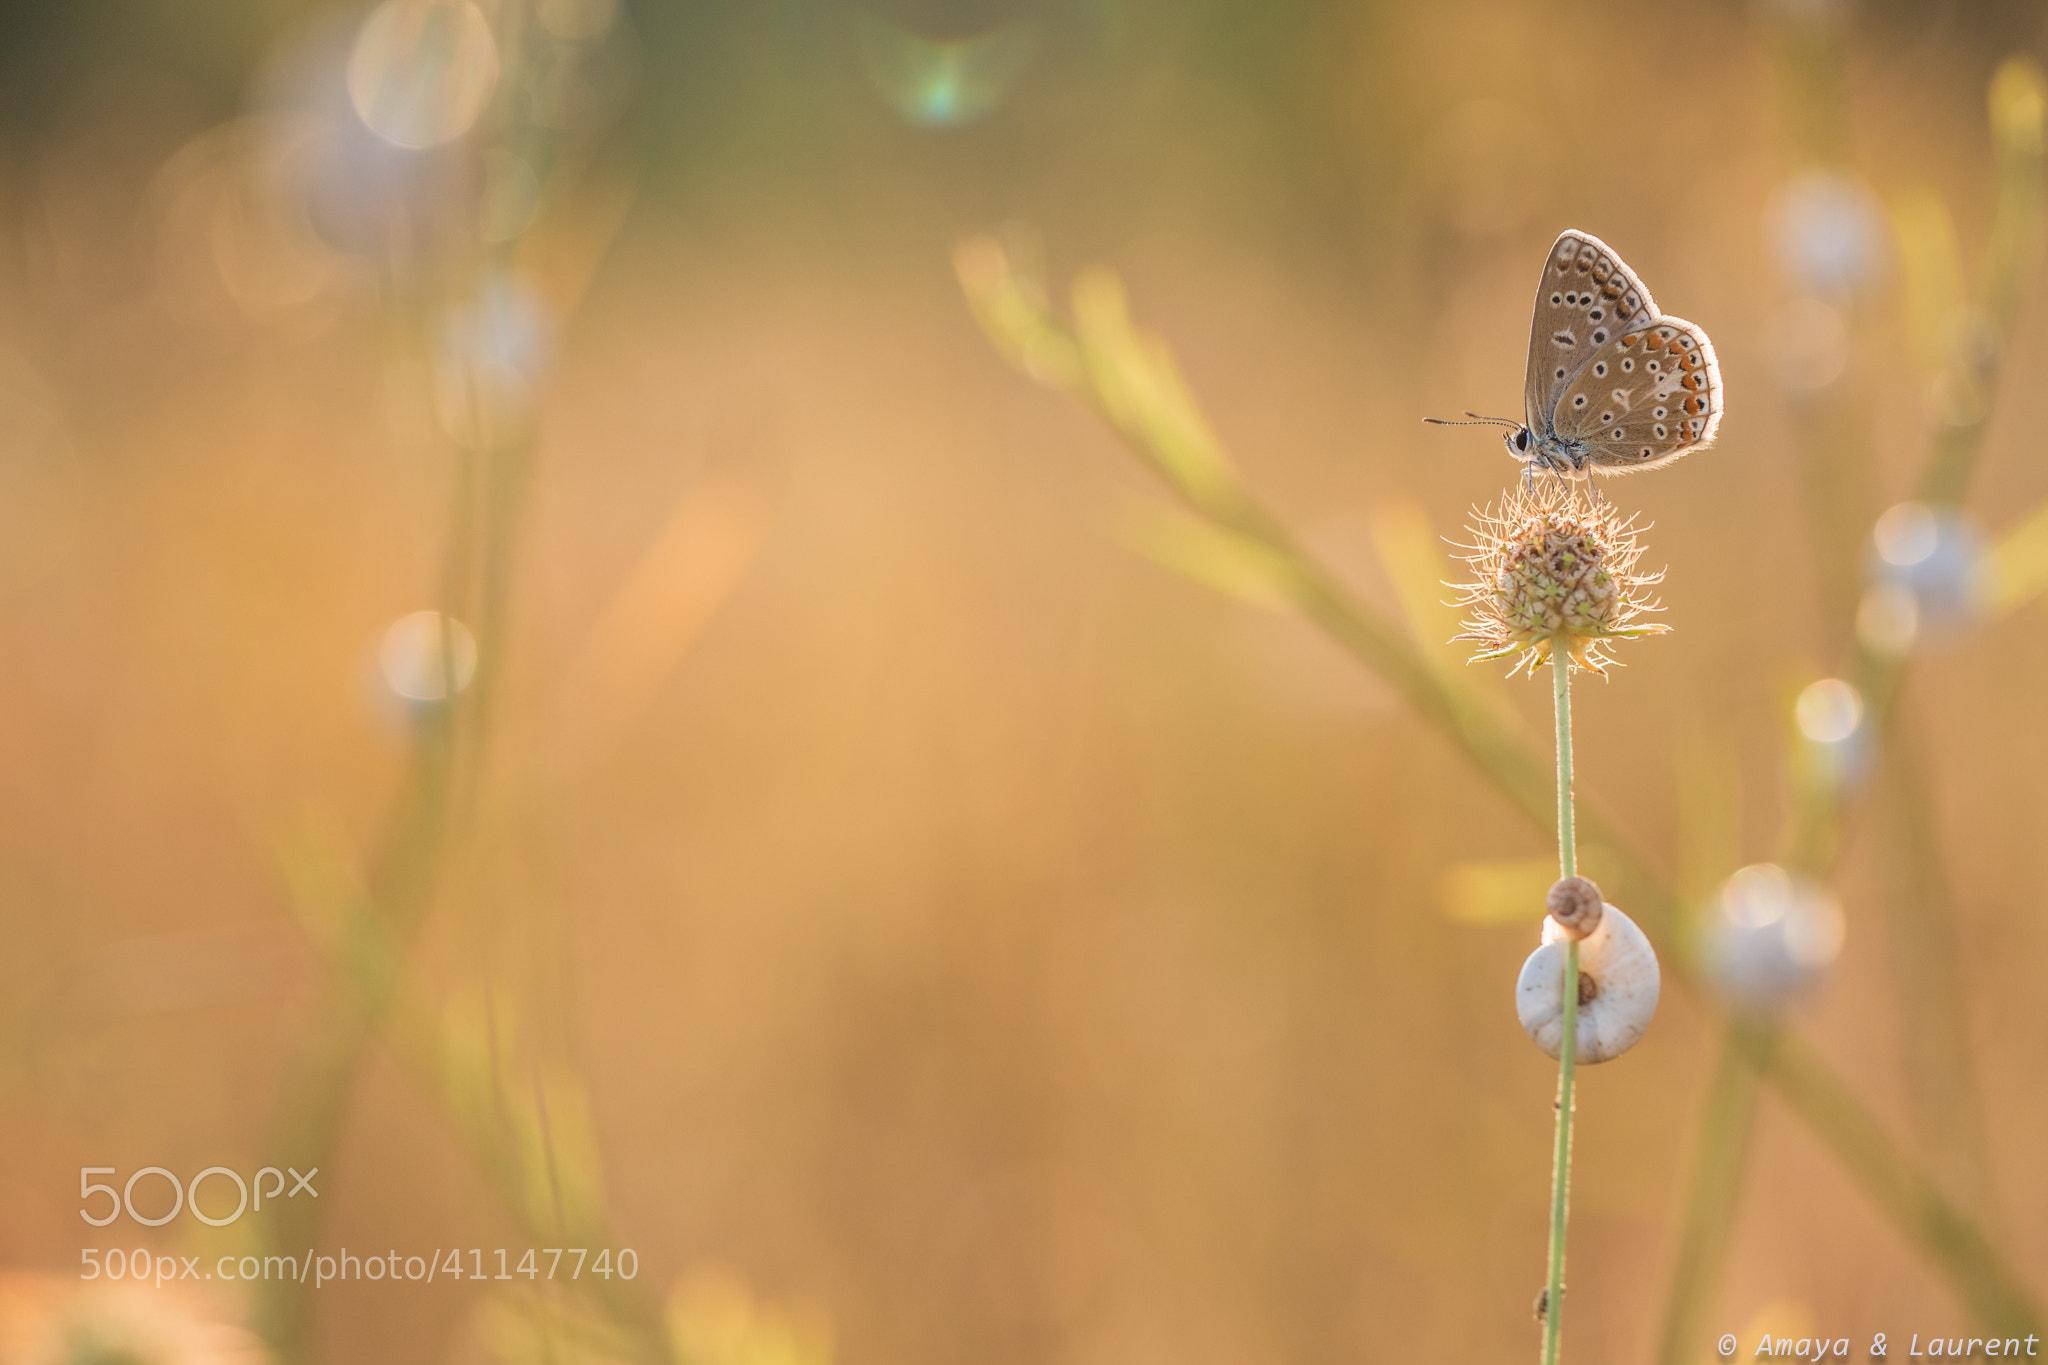 Photograph Bokeh snail by Amaya Bercetche on 500px